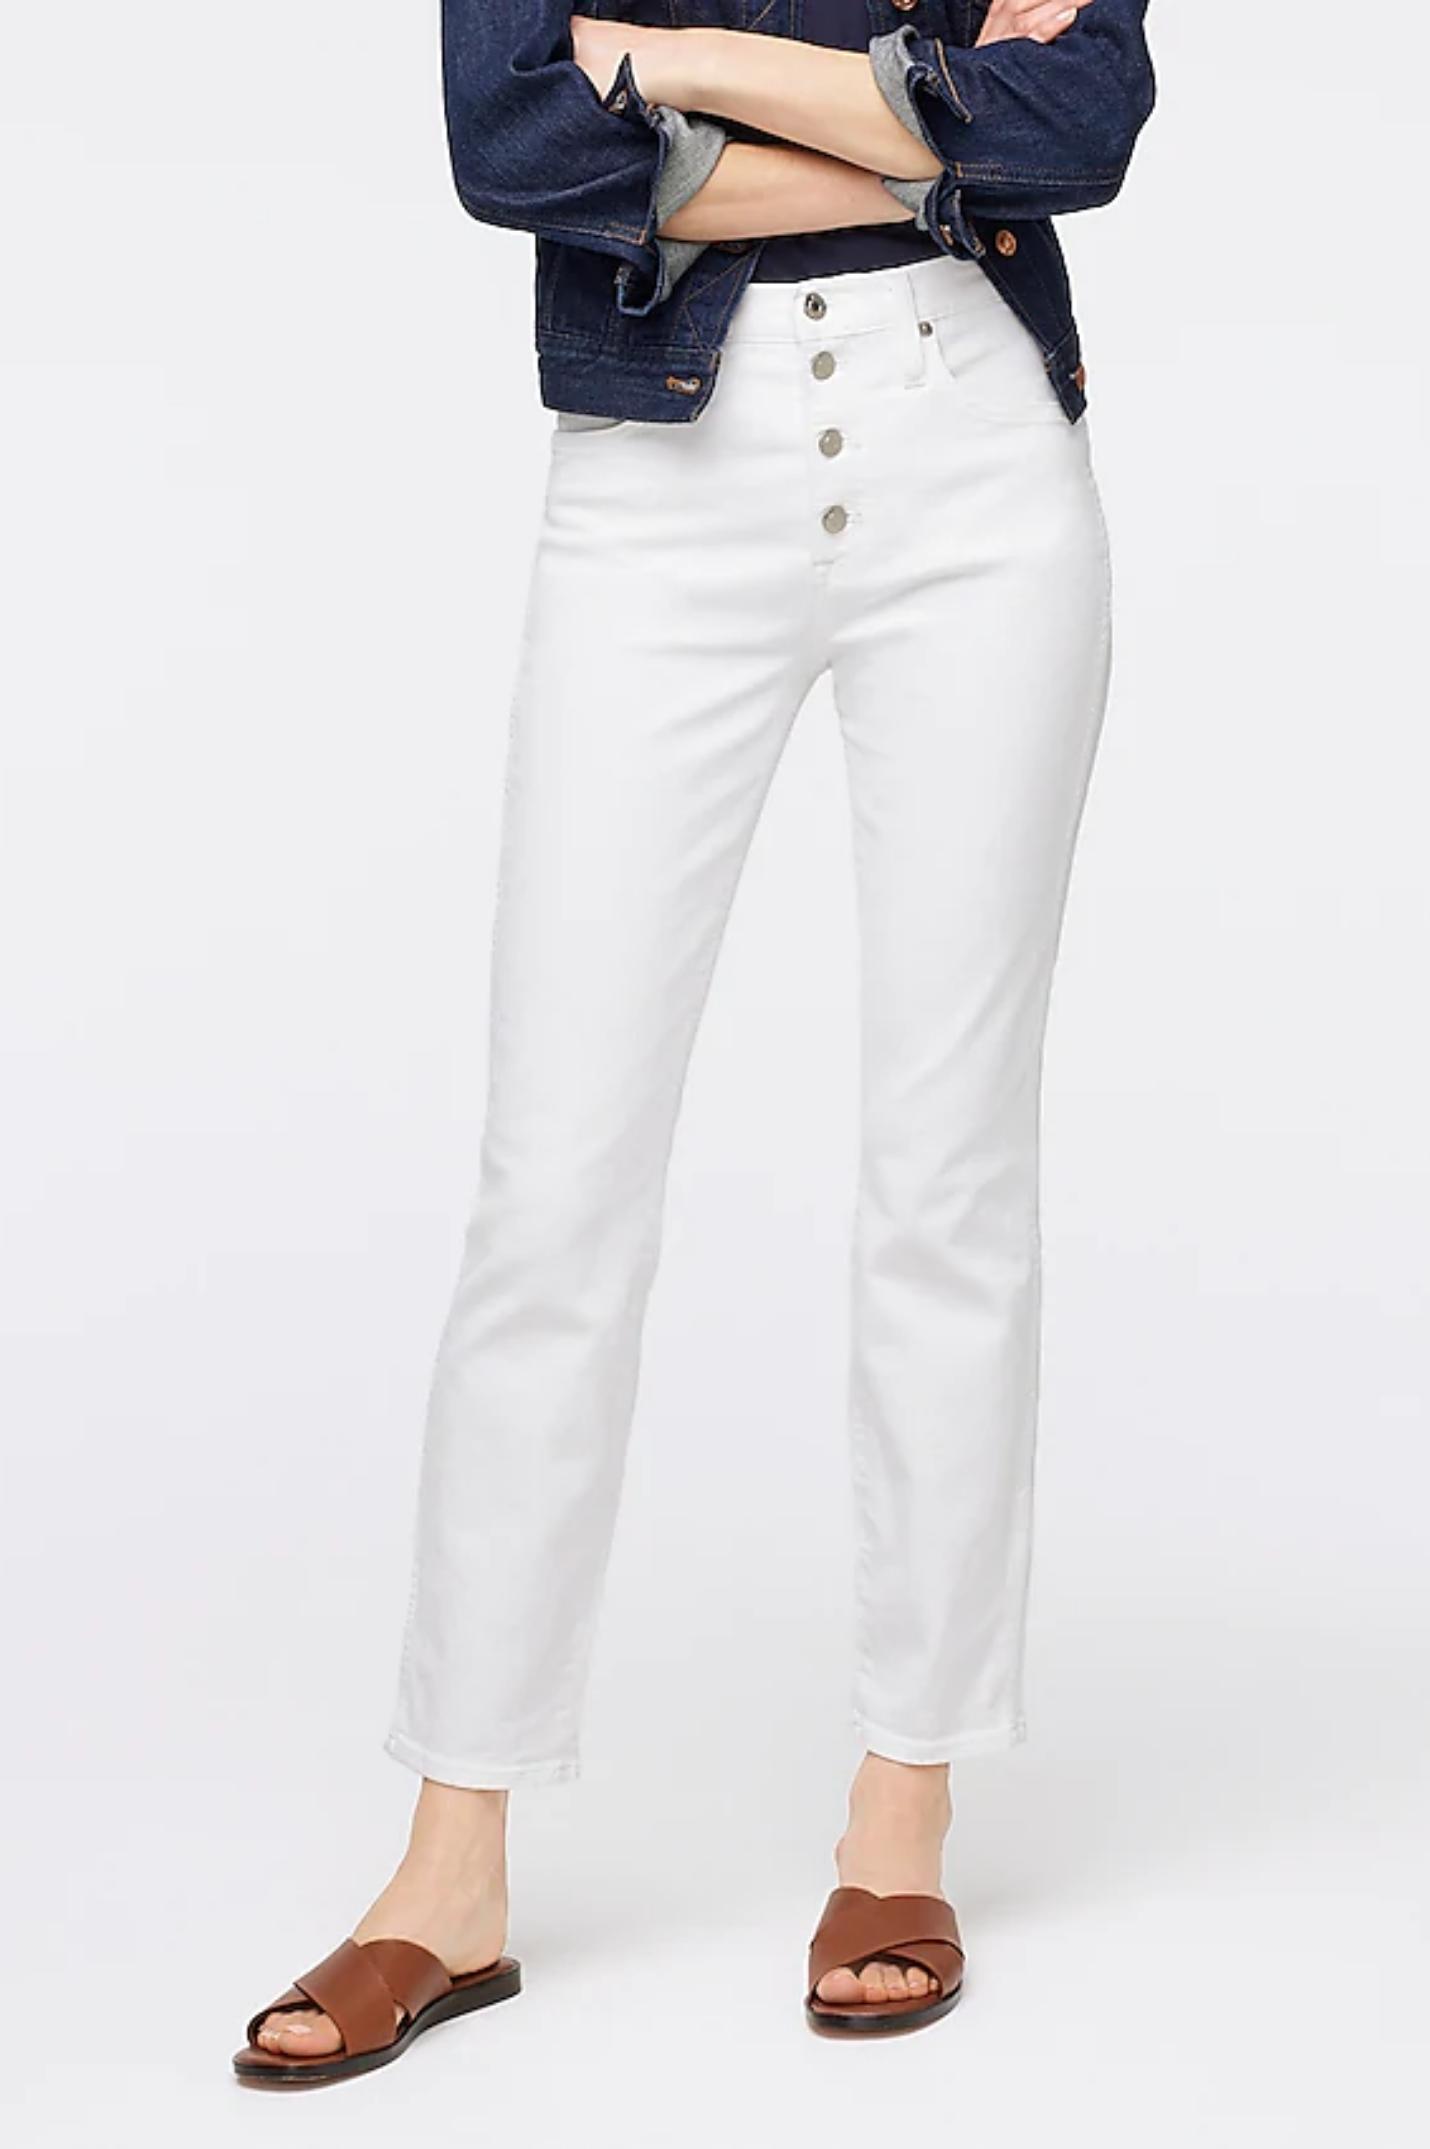 Spring Wardrobe Essentials white jeans